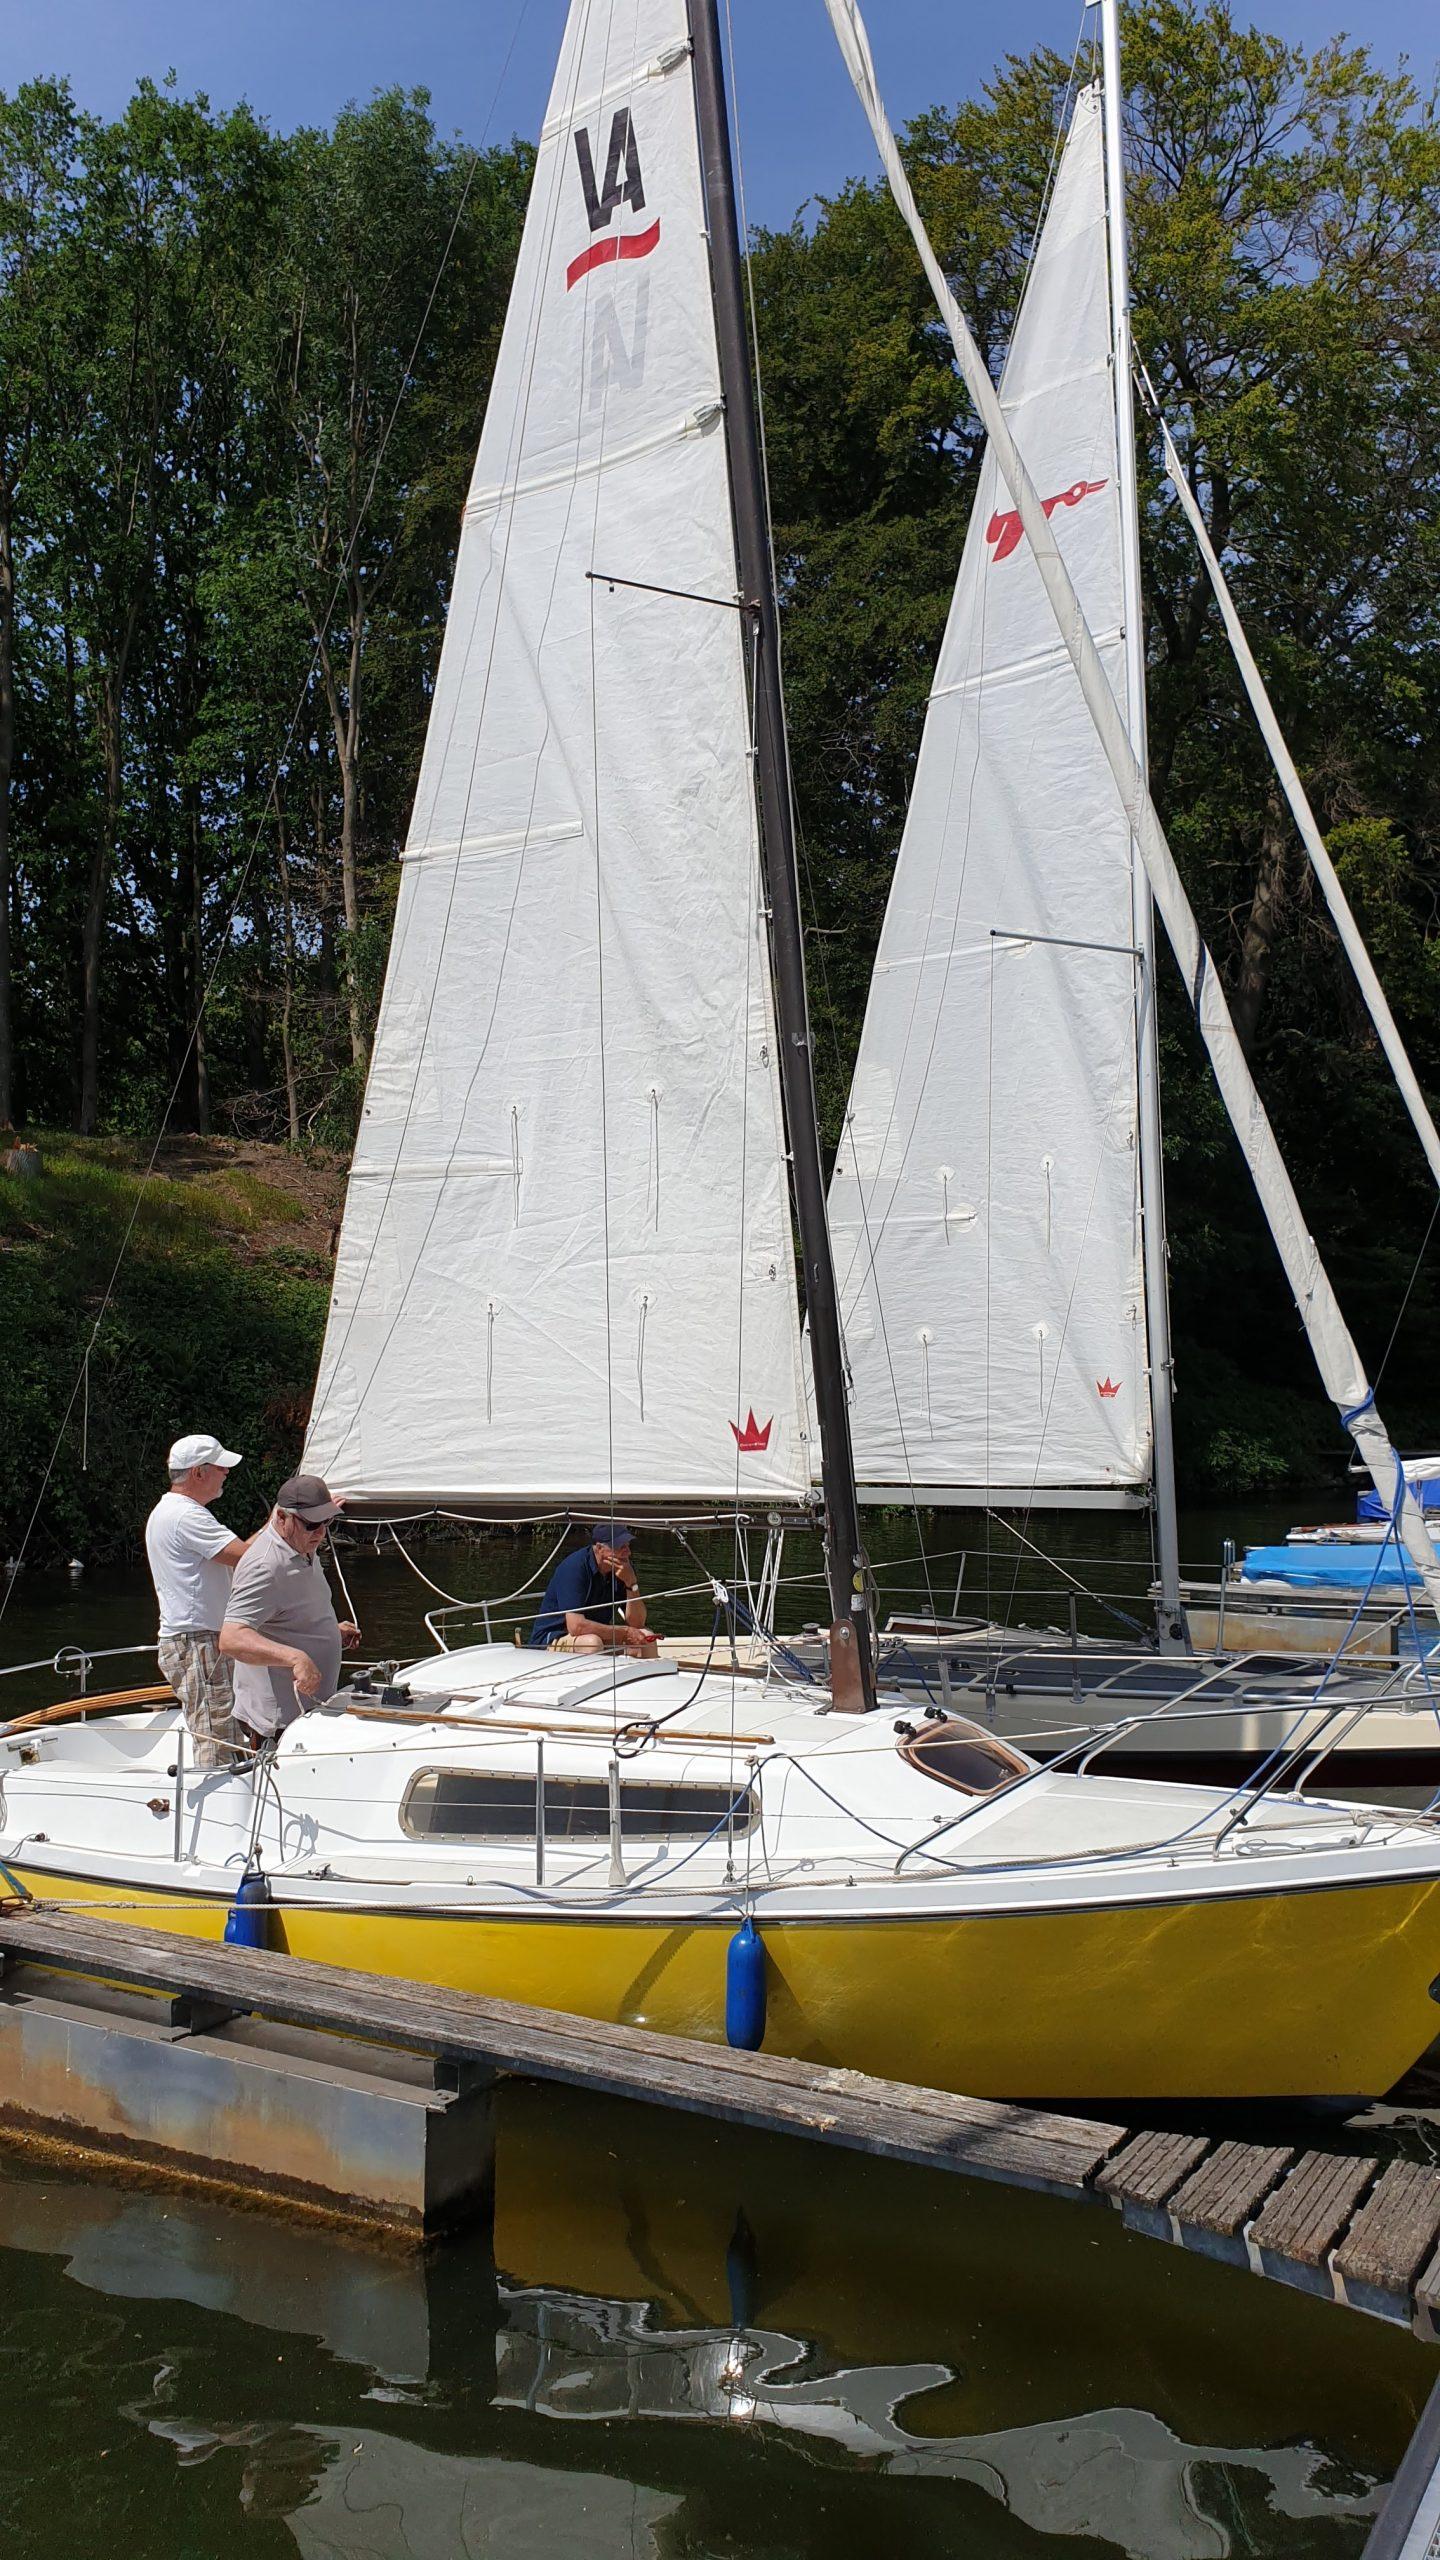 Einkranen der Boote